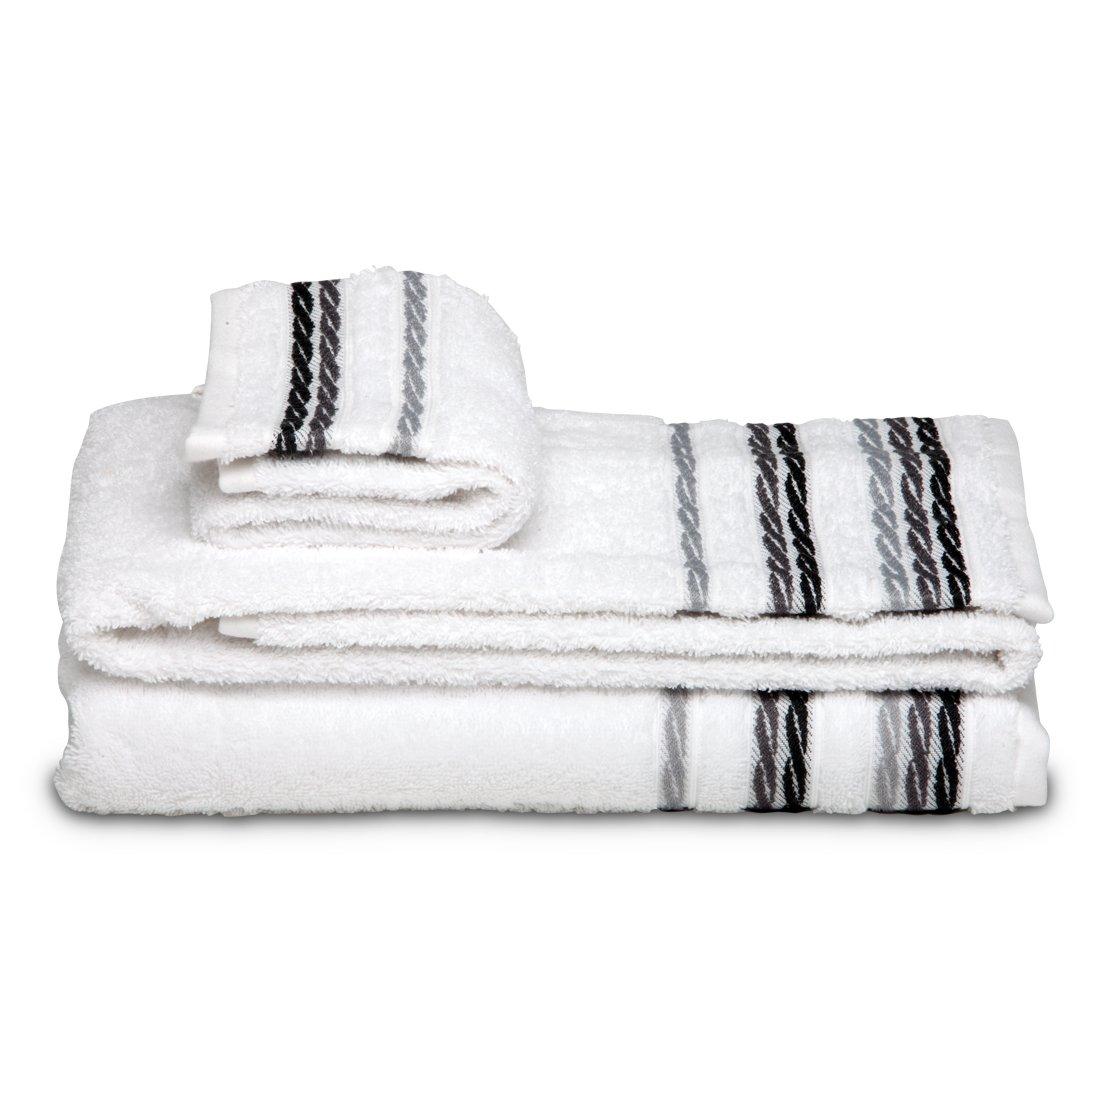 Burrito Blanco - Juego de toallas 98 Blanco de 30x50, 50x100 y 70x140 cm: Amazon.es: Hogar